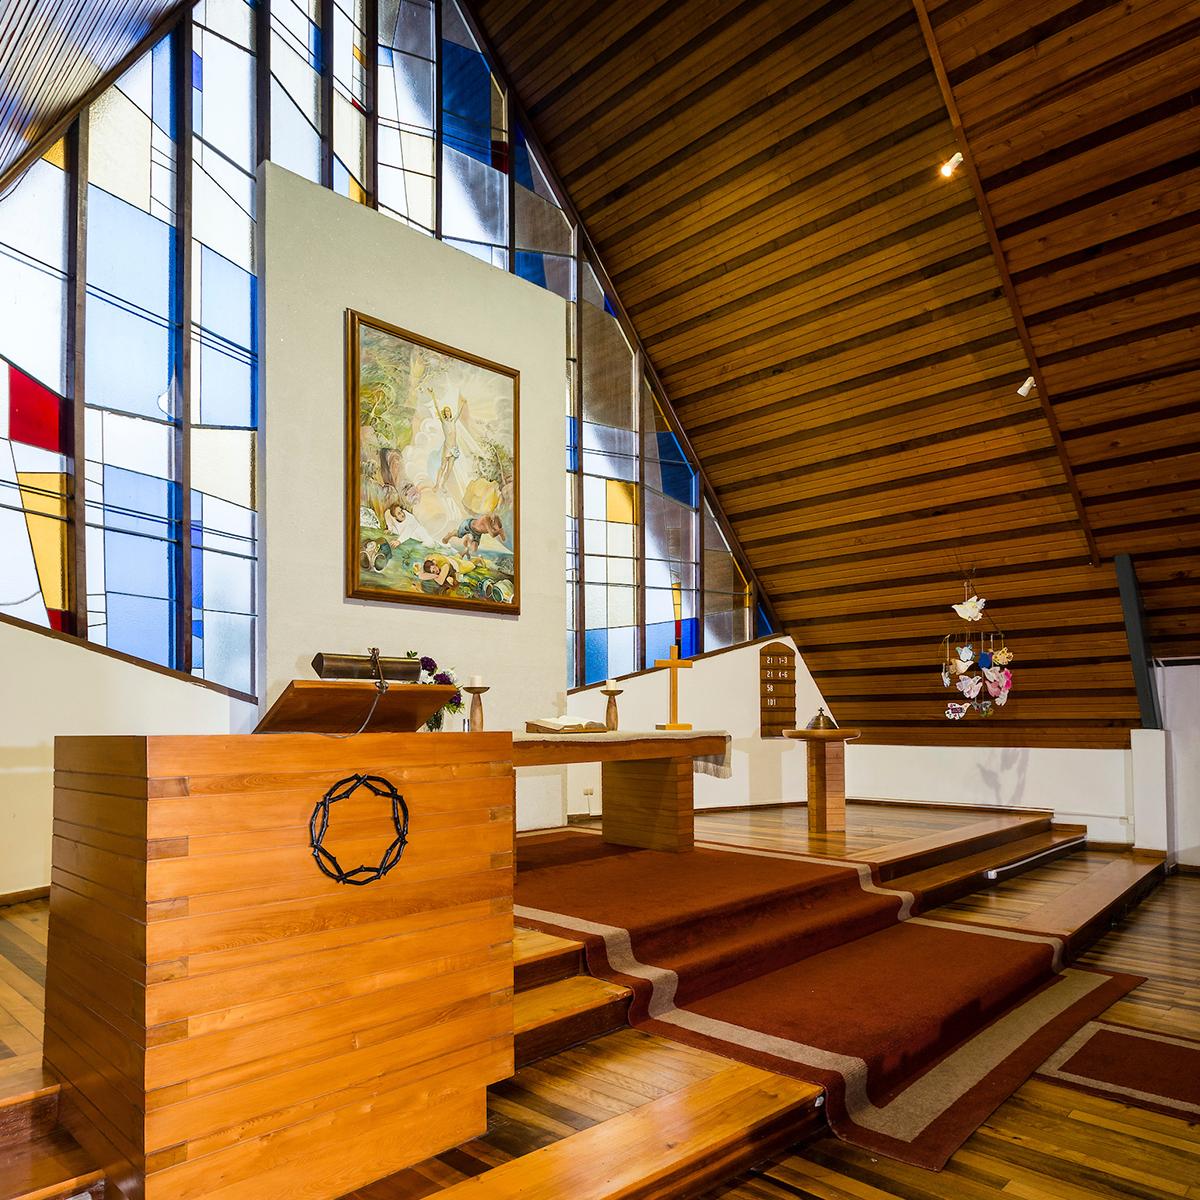 iglesia-luterana-en-llanquihue